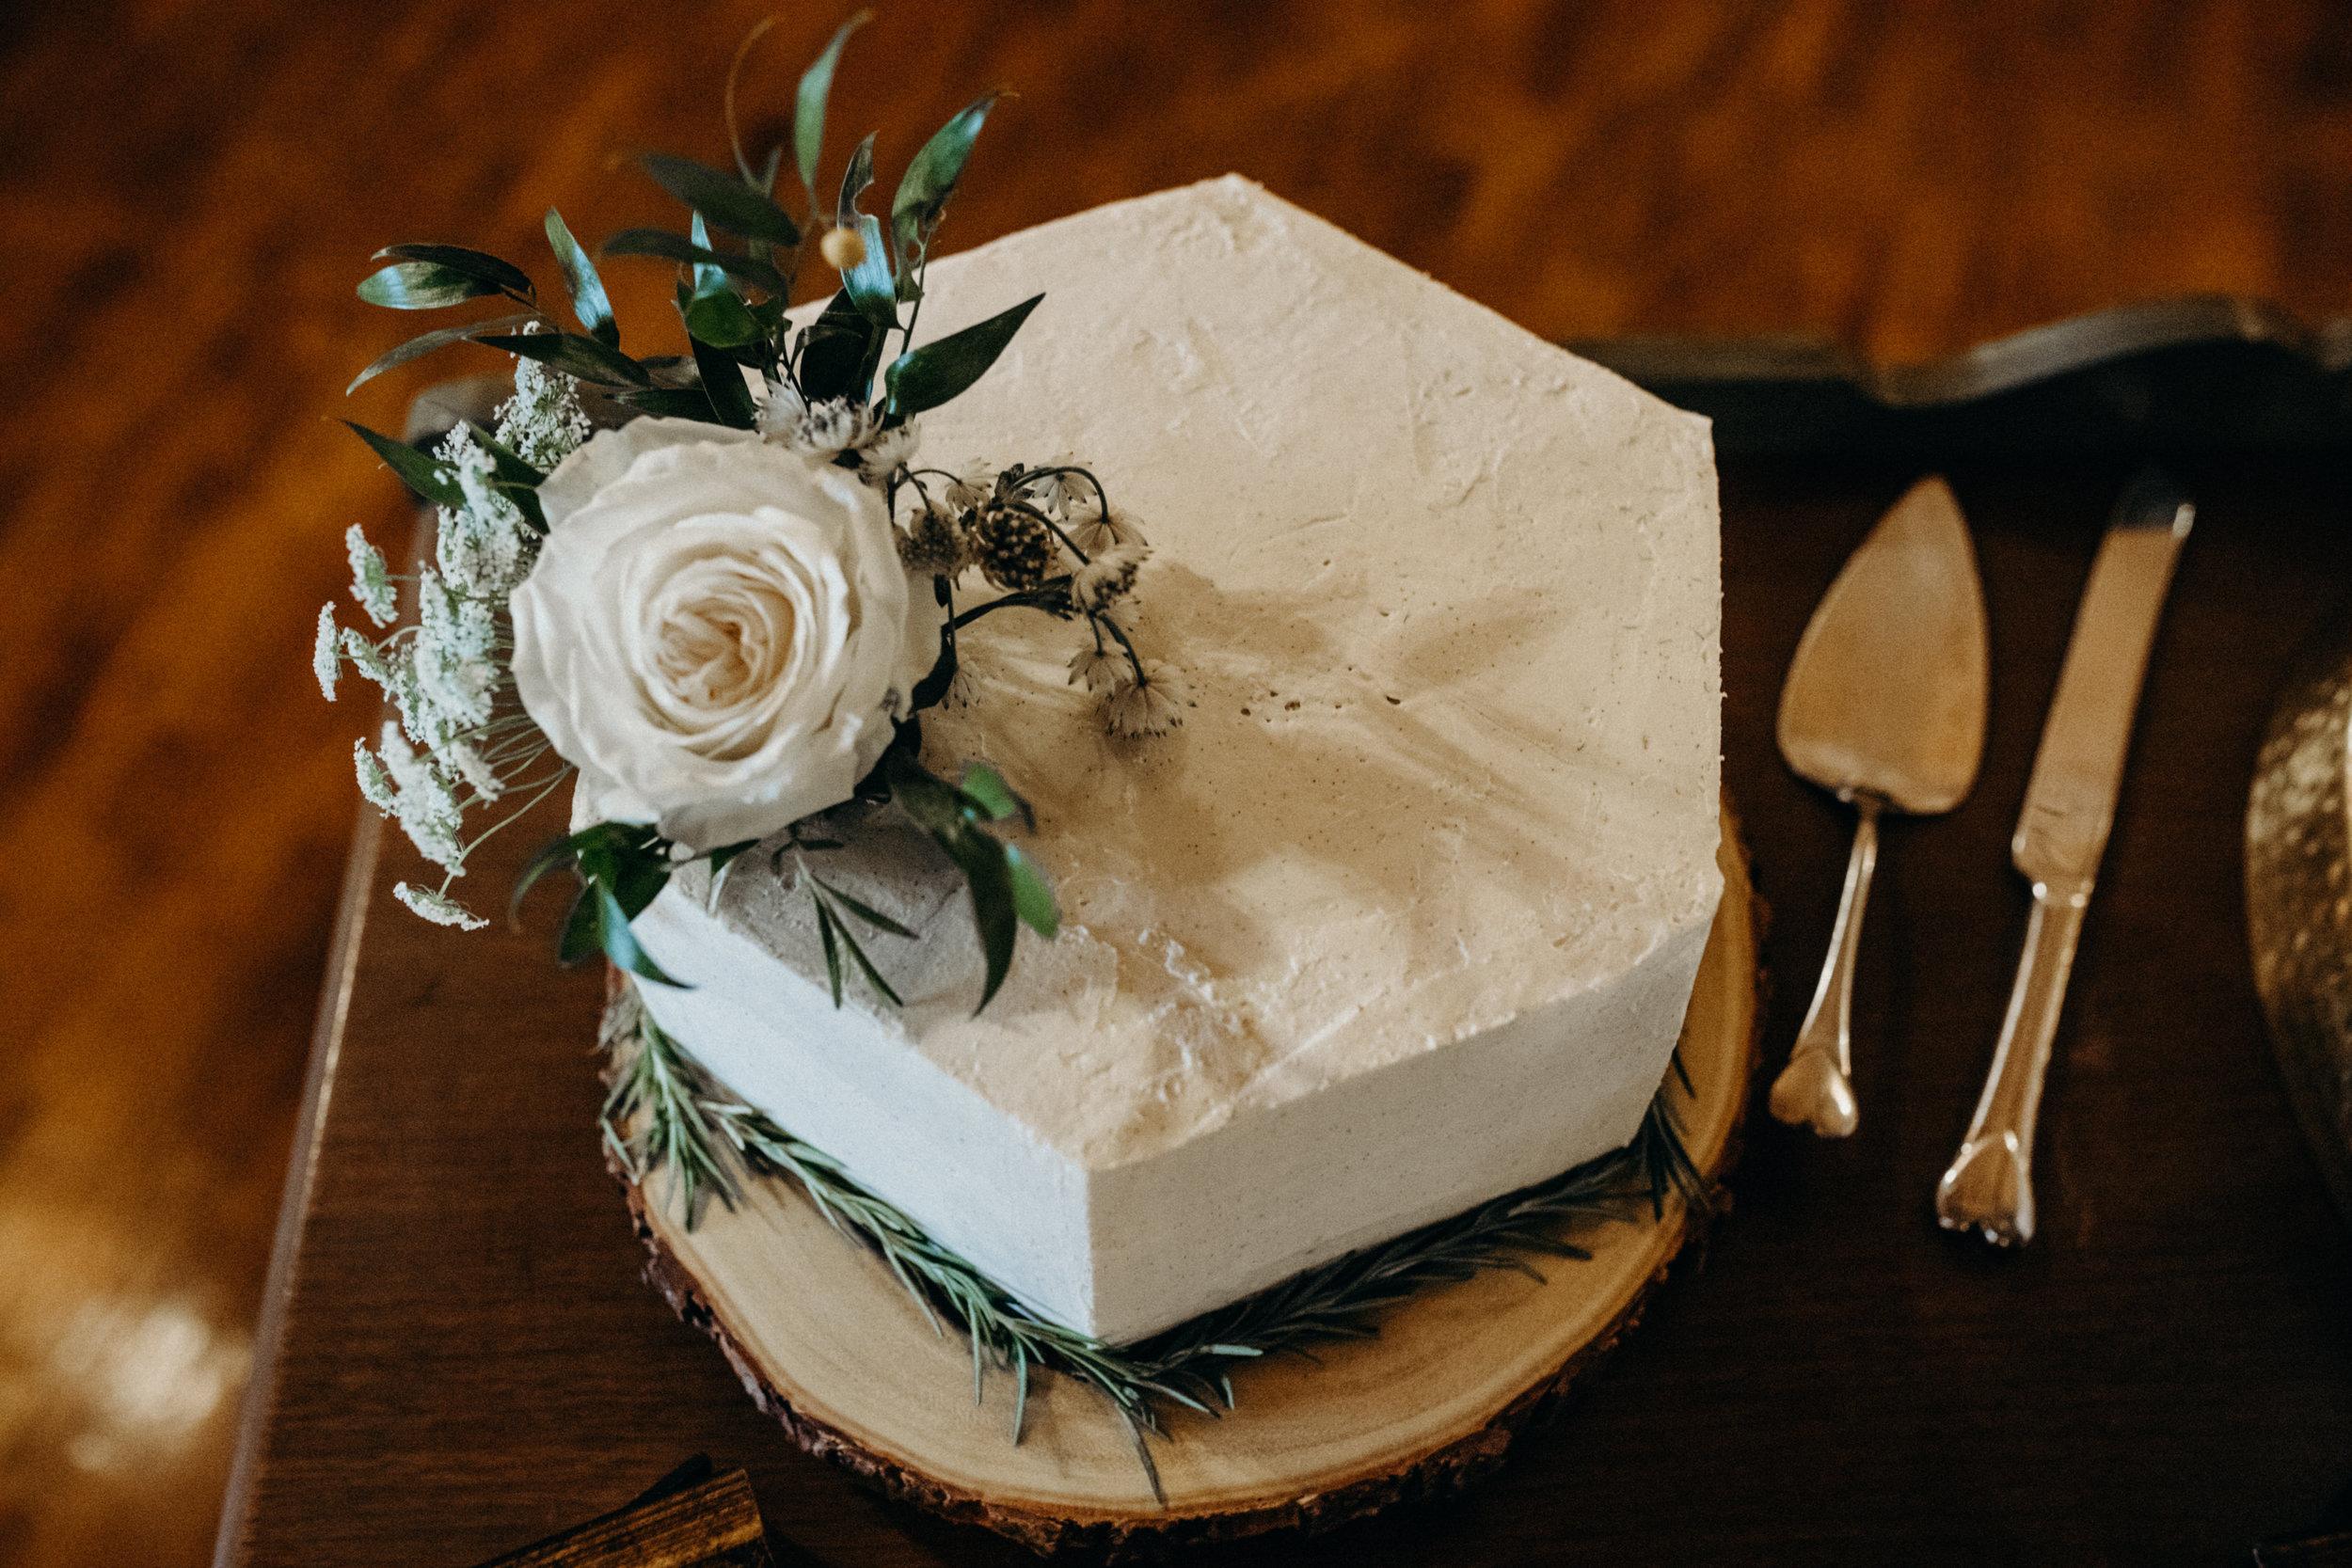 dietzen_aubrey-texas-the-springs-wedding_031-1.jpg